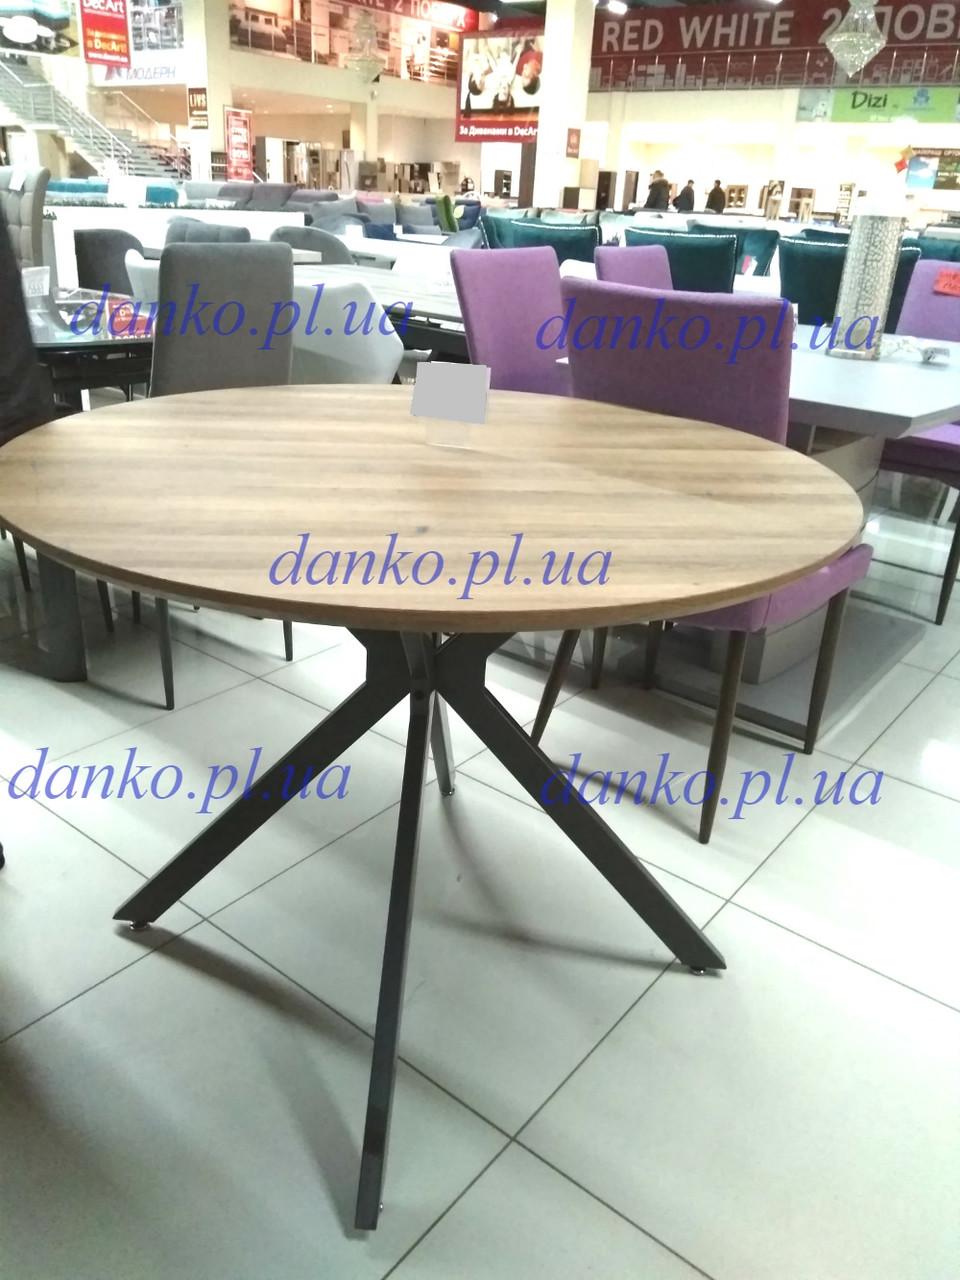 Круглый обеденный стол TM-46 омбре от Vetro Mebel, D100 см